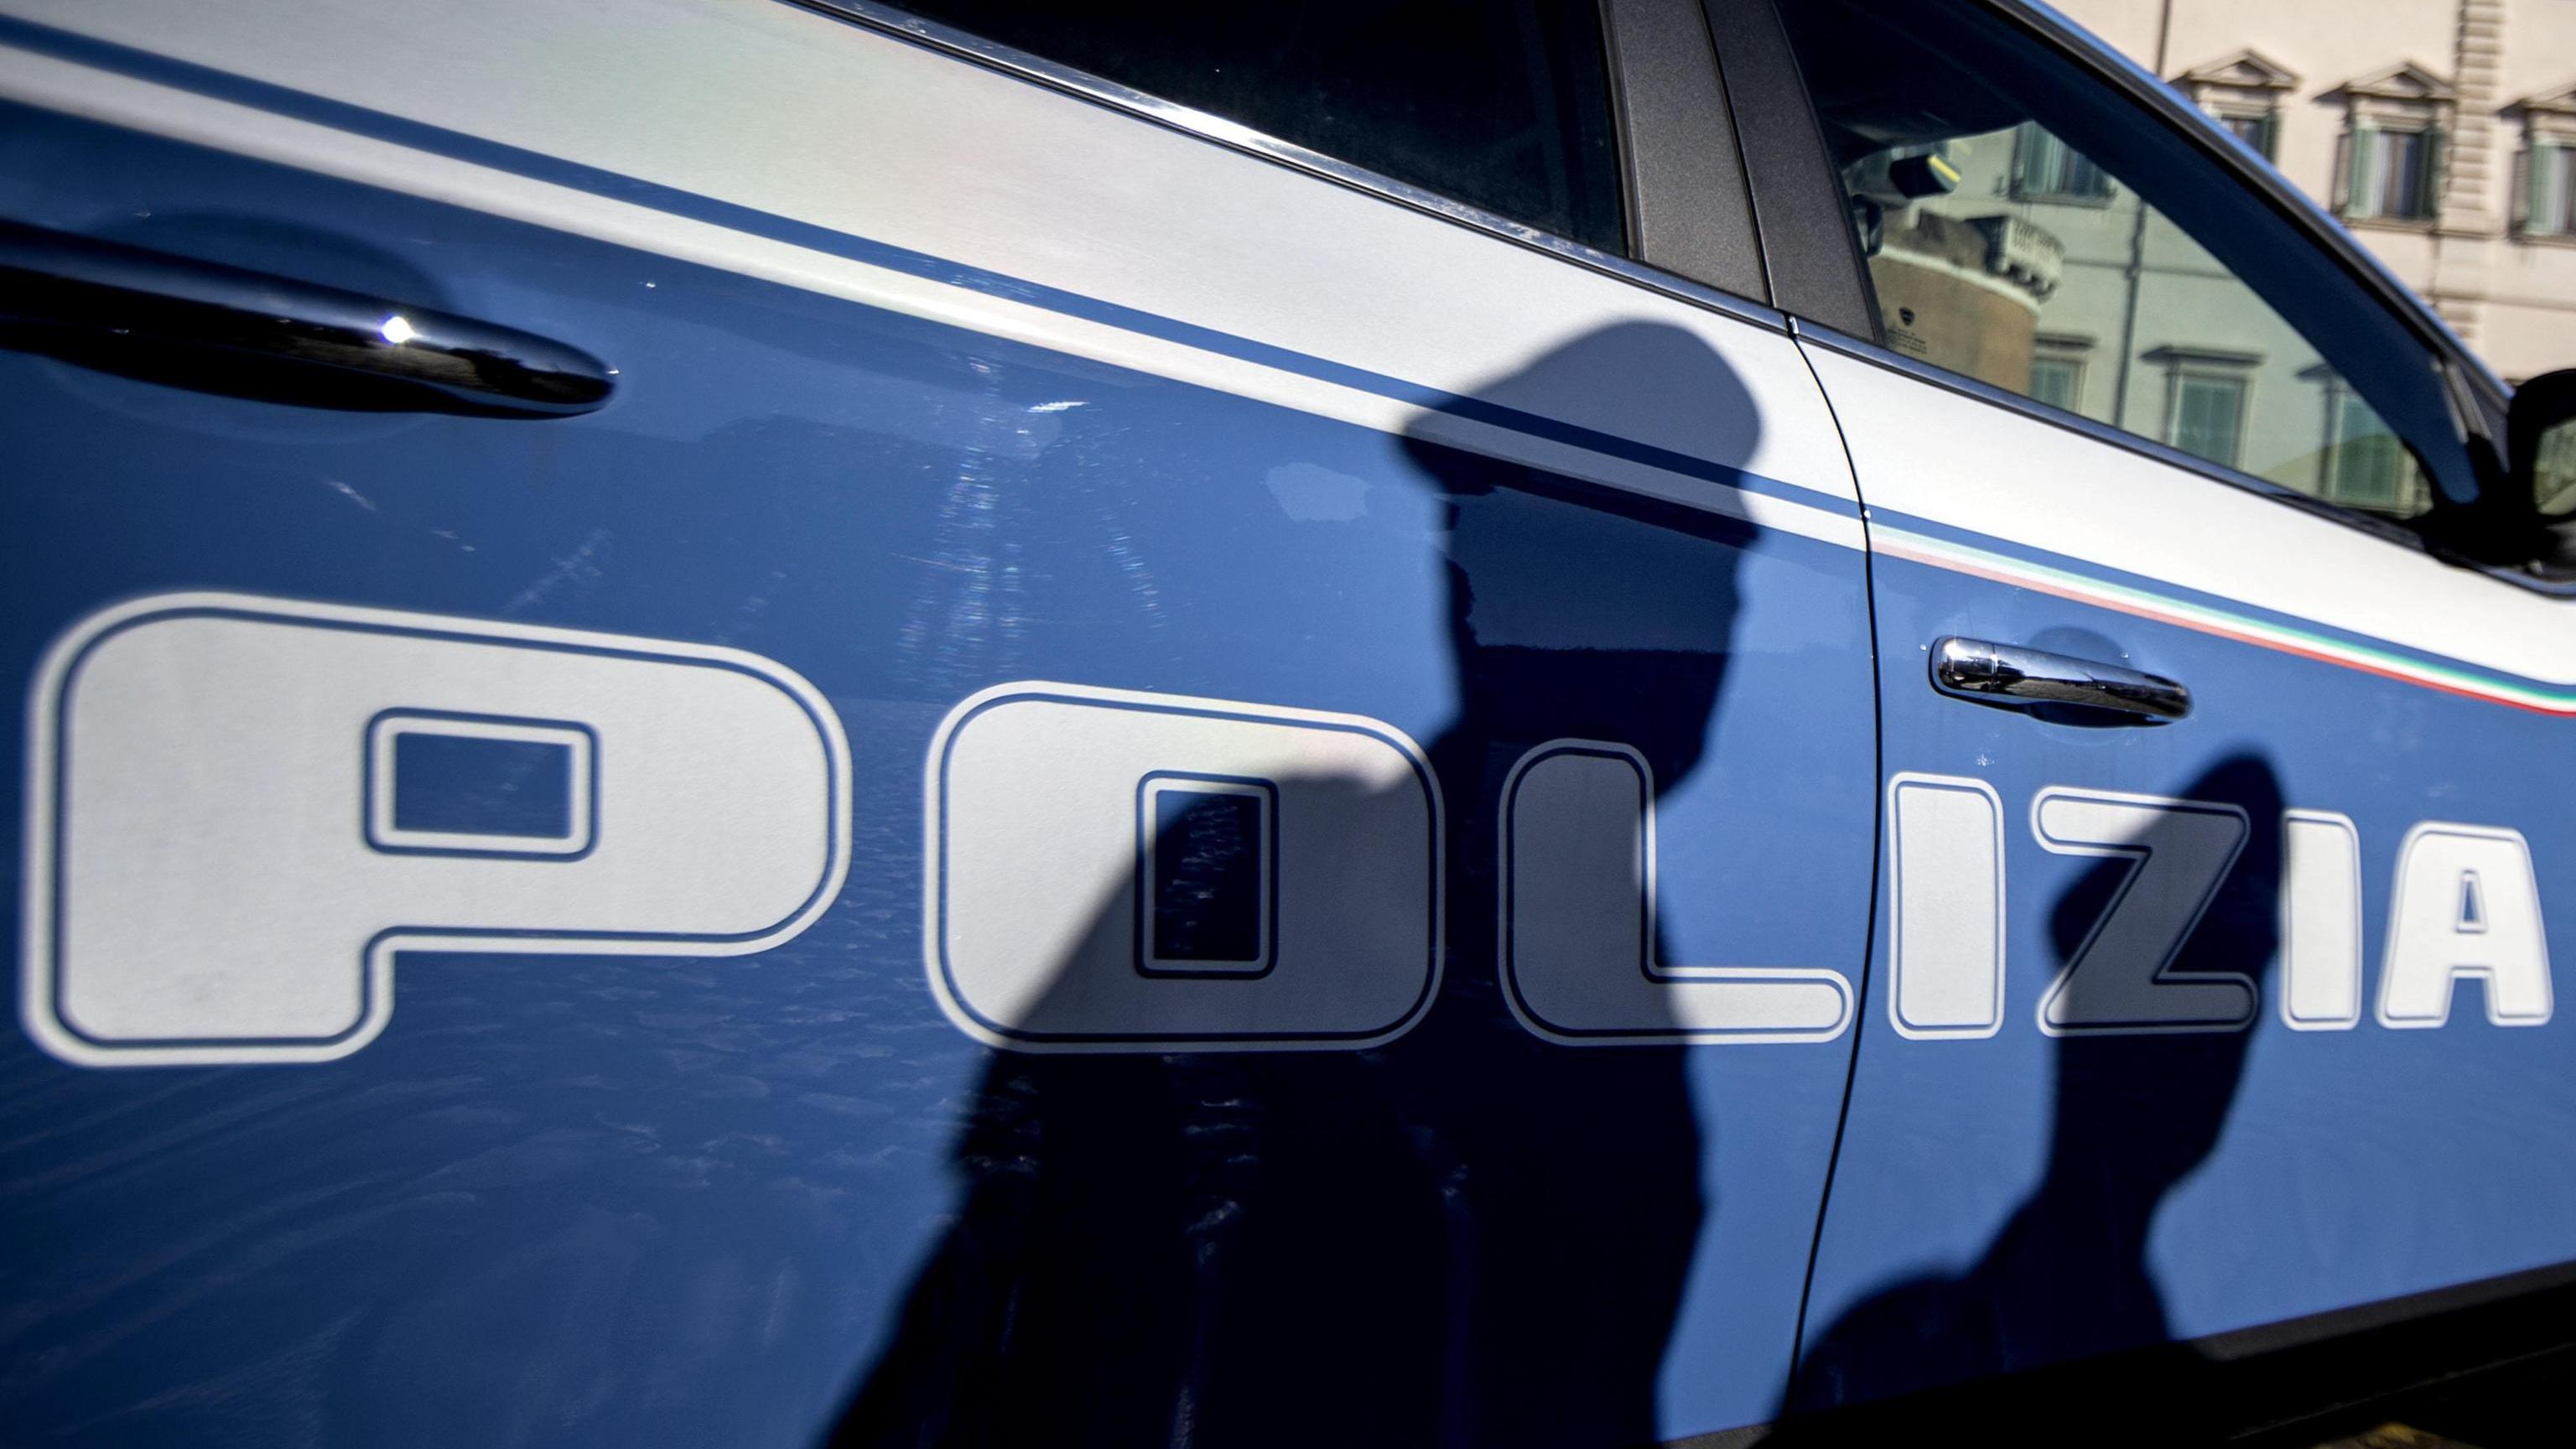 Soldi da abusivi, arrestato ispettore Ps